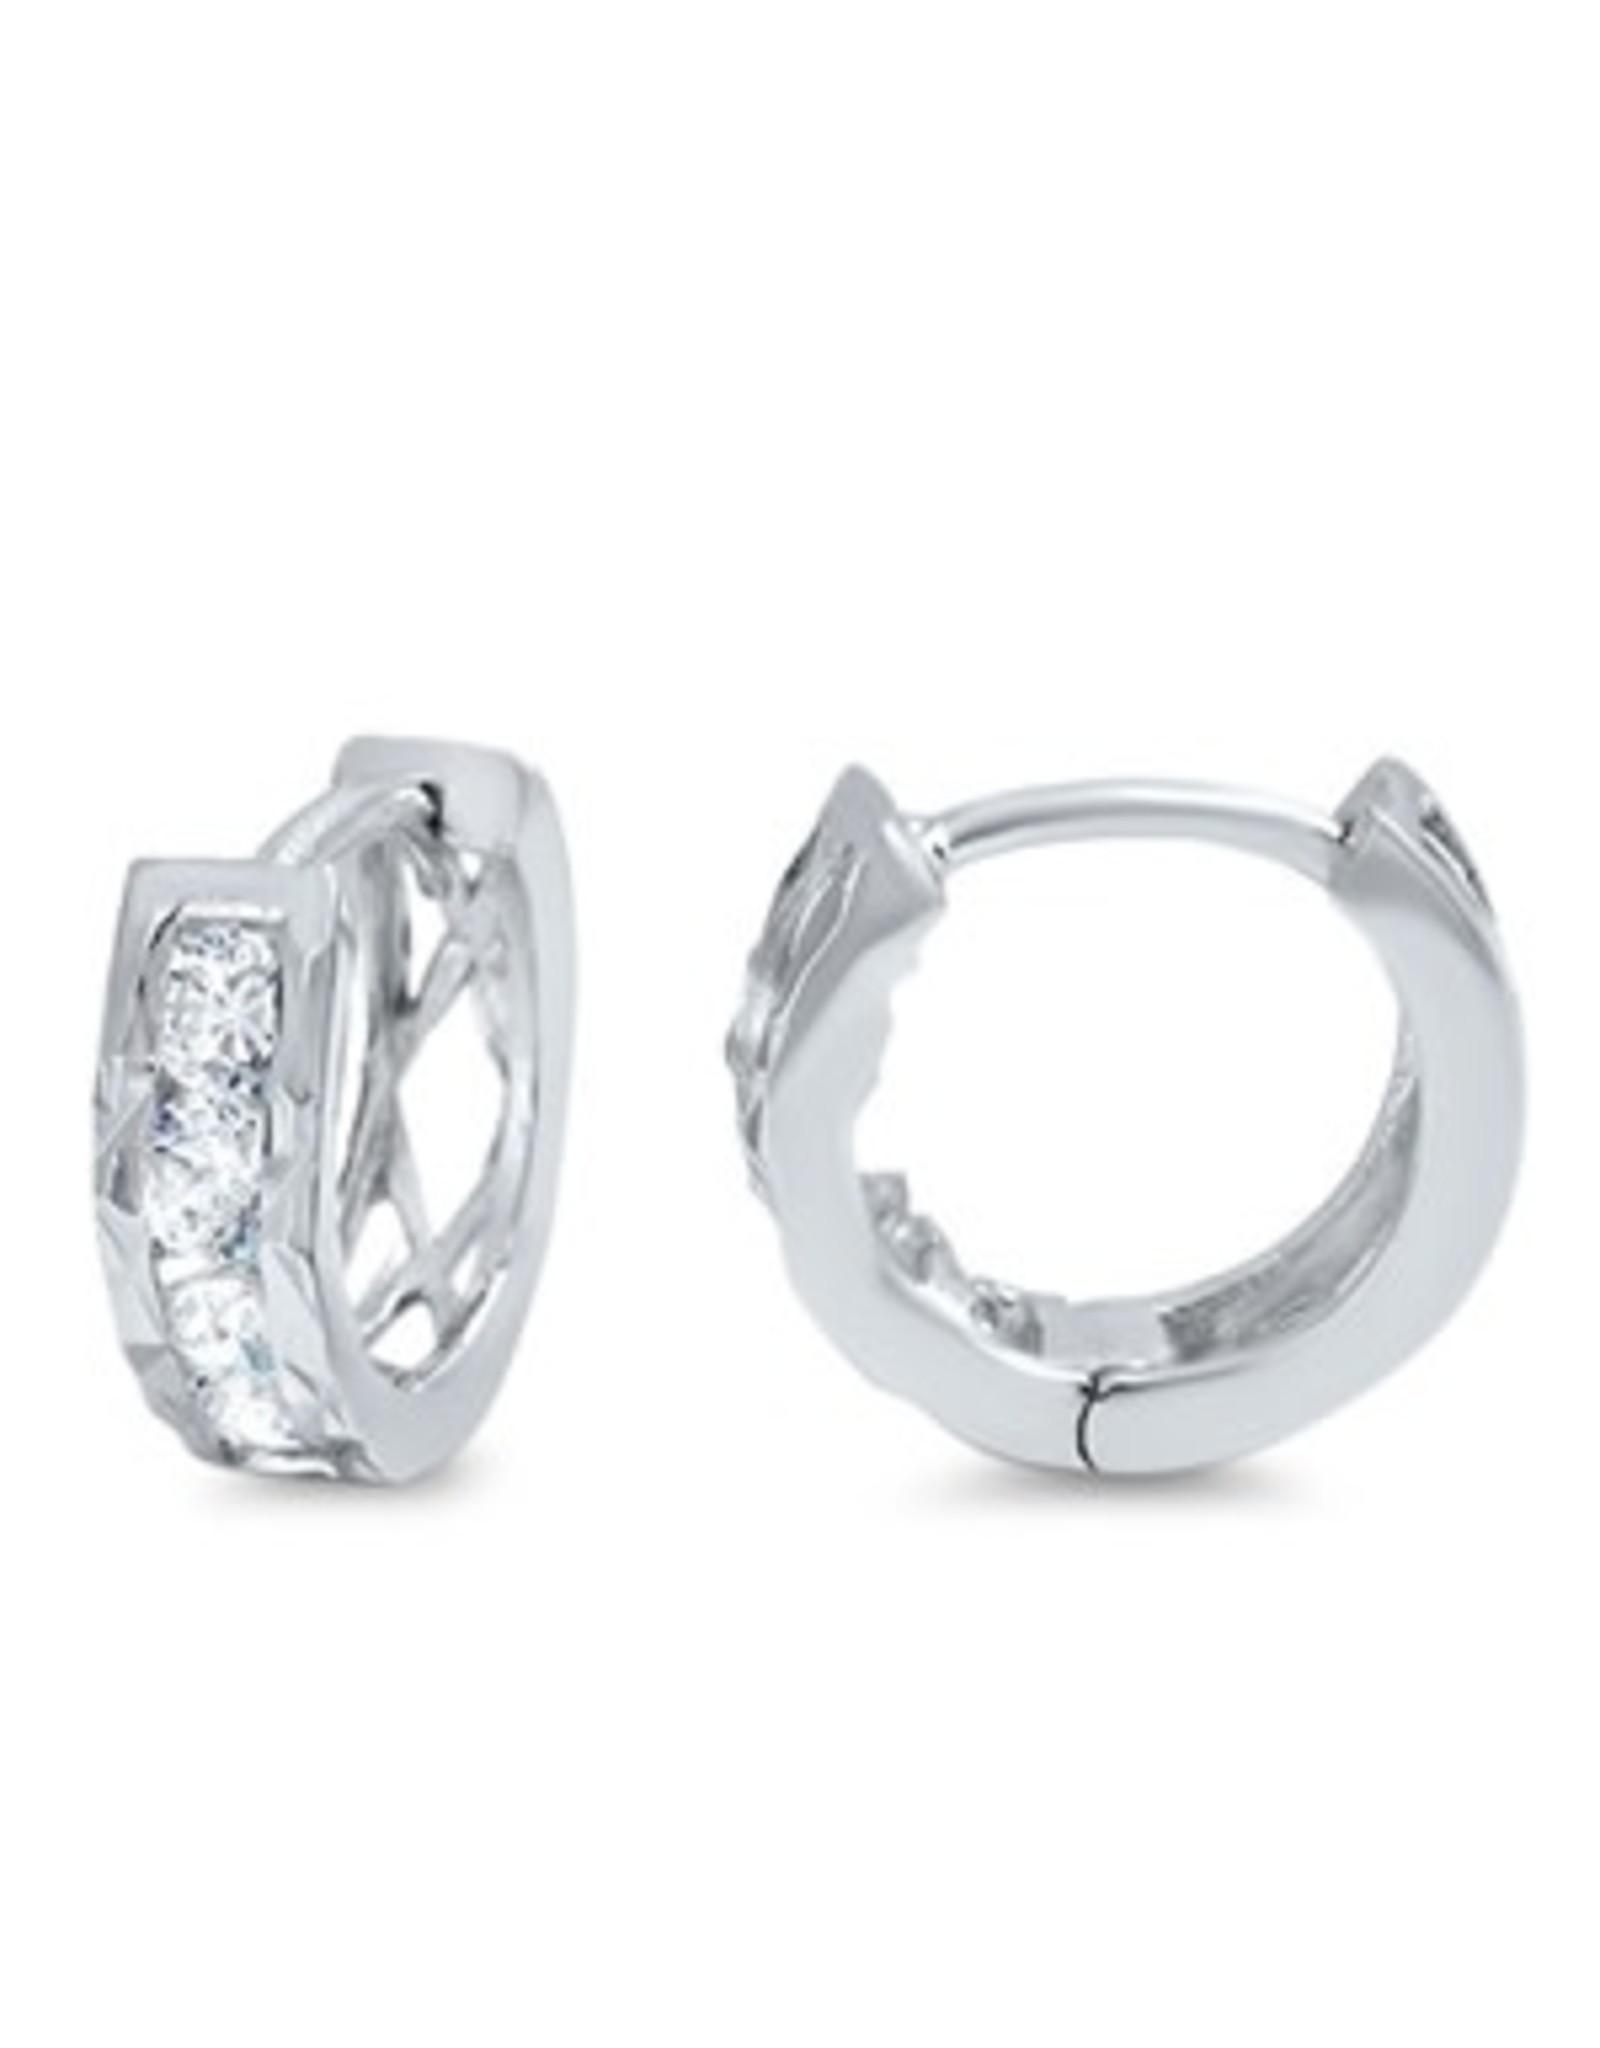 Sterling Small Huggie Earrings